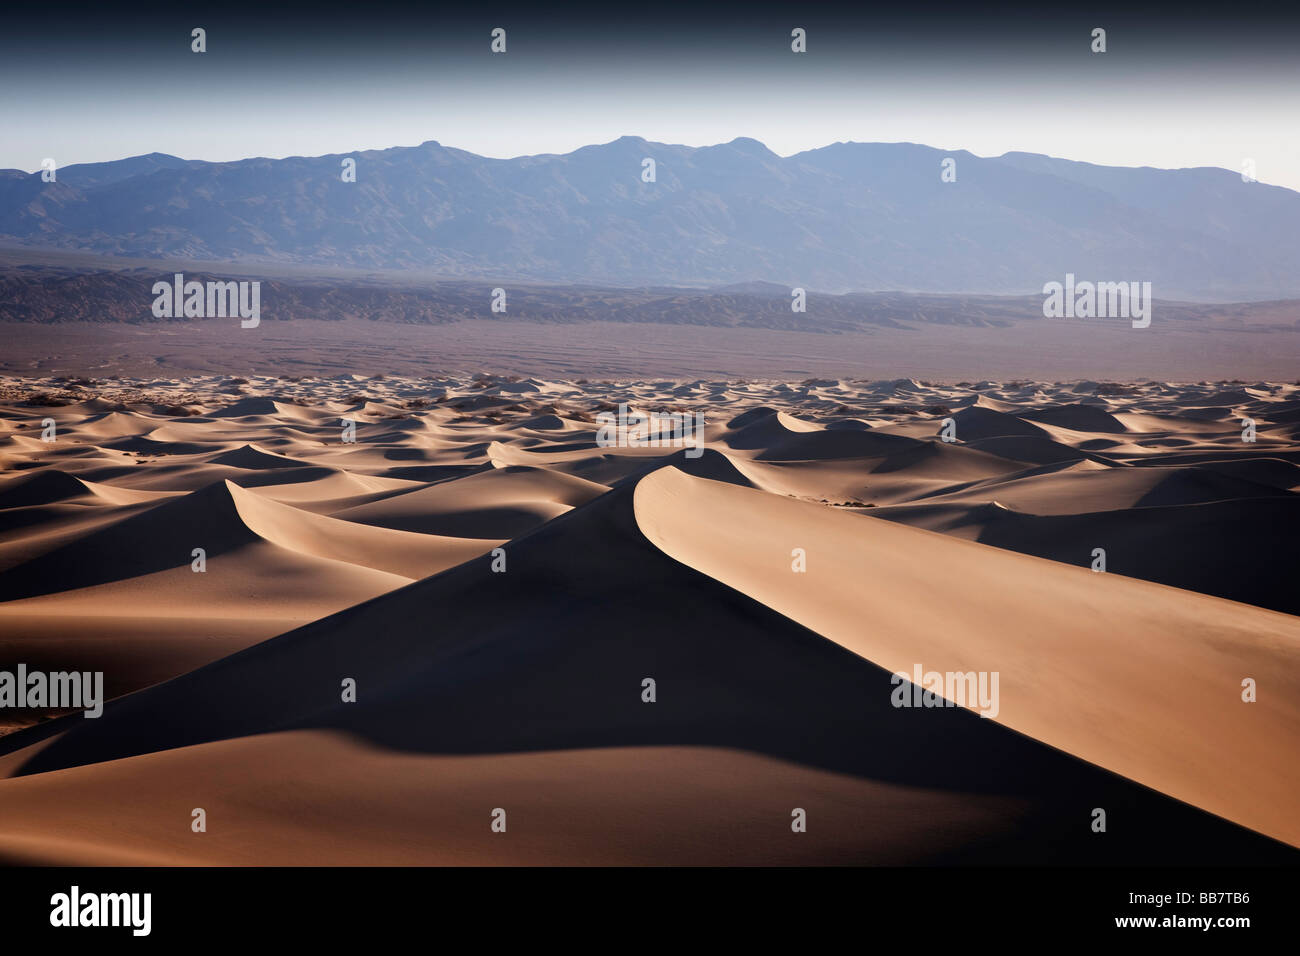 El Mesquite dunas de arena en el Parque Nacional Valle de la Muerte en California, EE.UU. Foto de stock